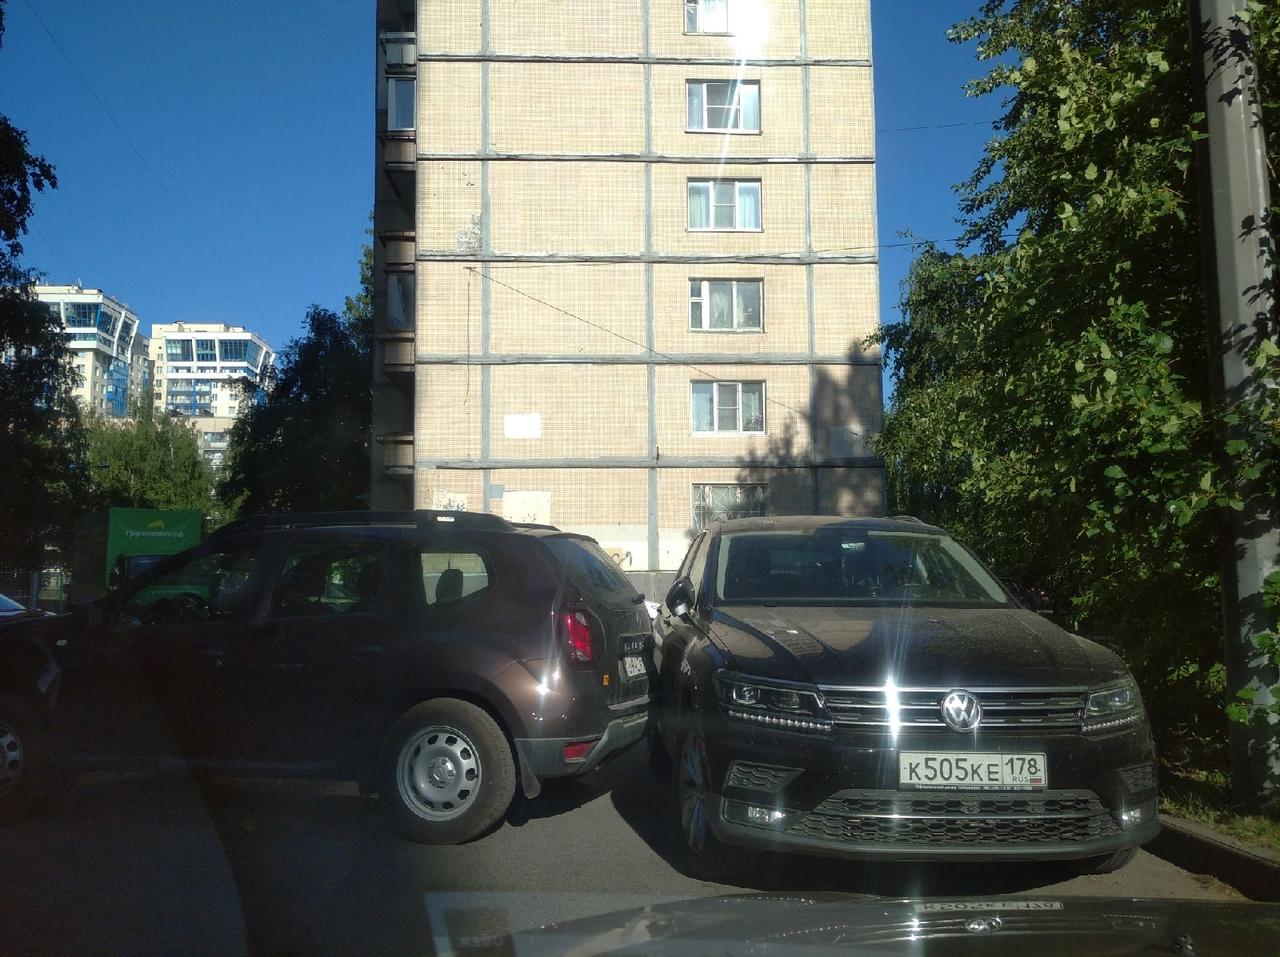 На Хасанской улице 4 корпус 1 , дедушка на дастере забыл поставить ручной тормоз.